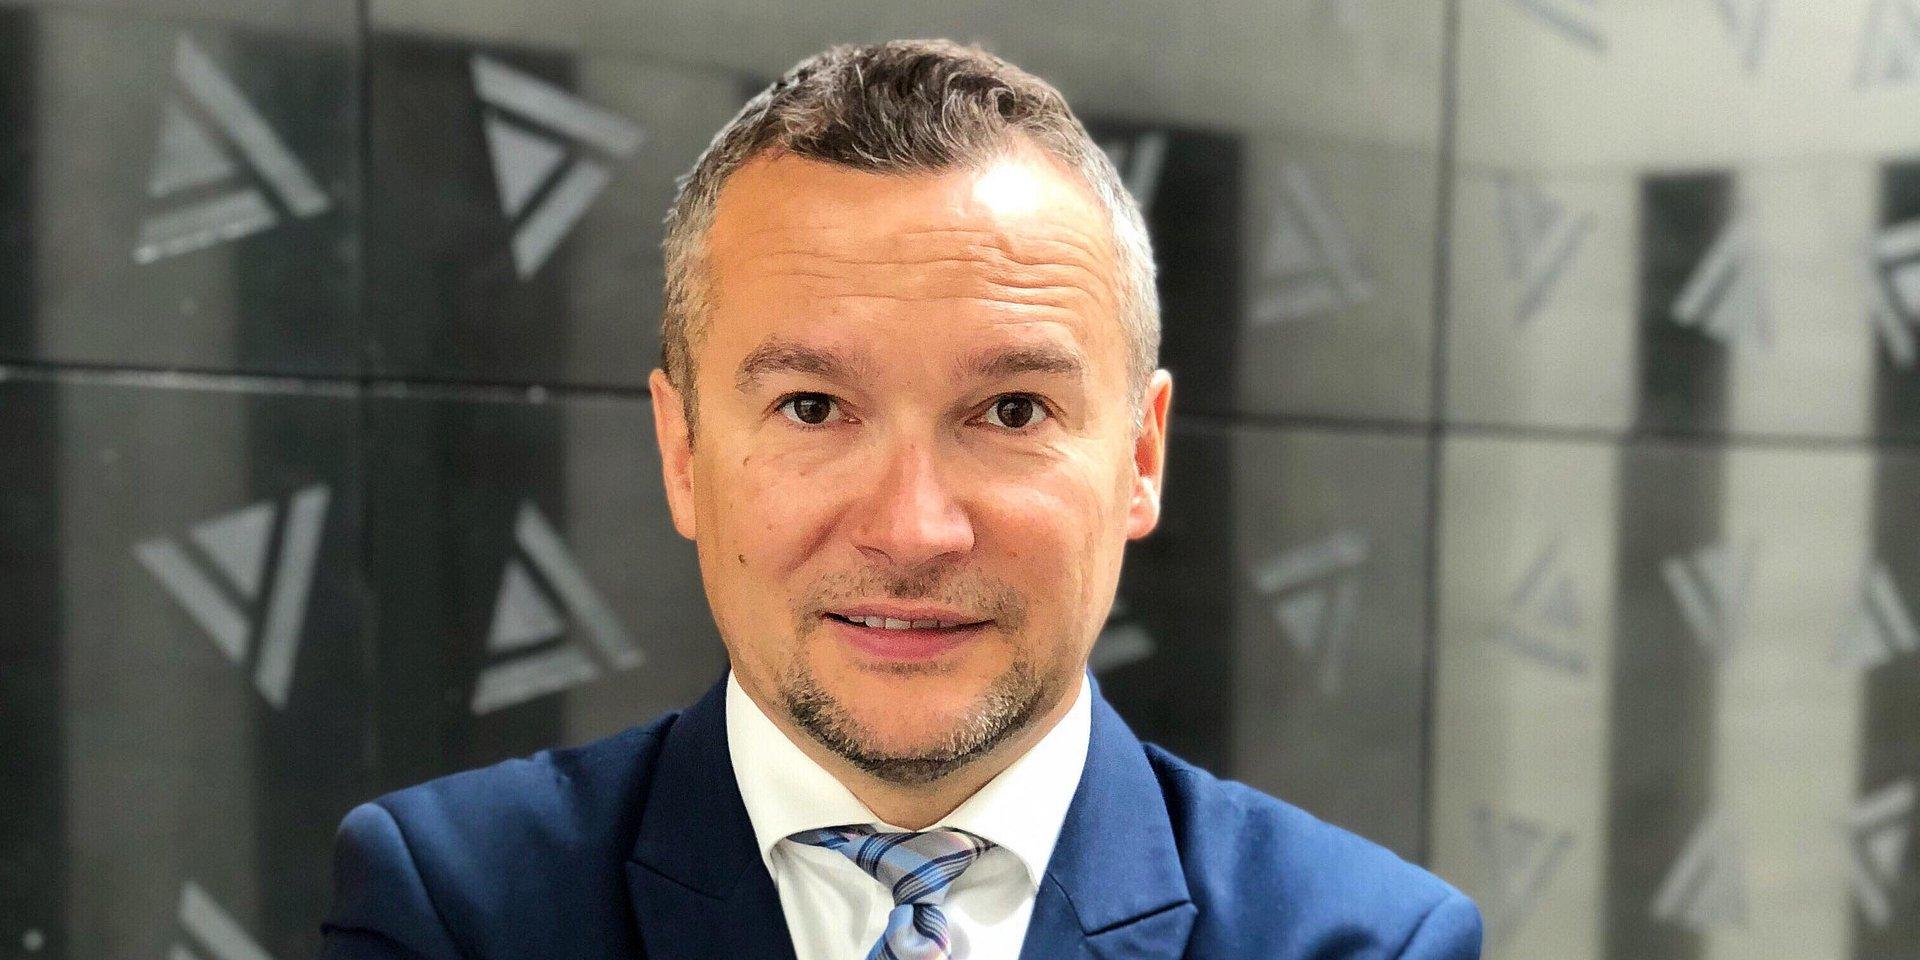 Prezes Antal: w 2019 roku rynek nadal będzie tańczył w rytmie kandydata